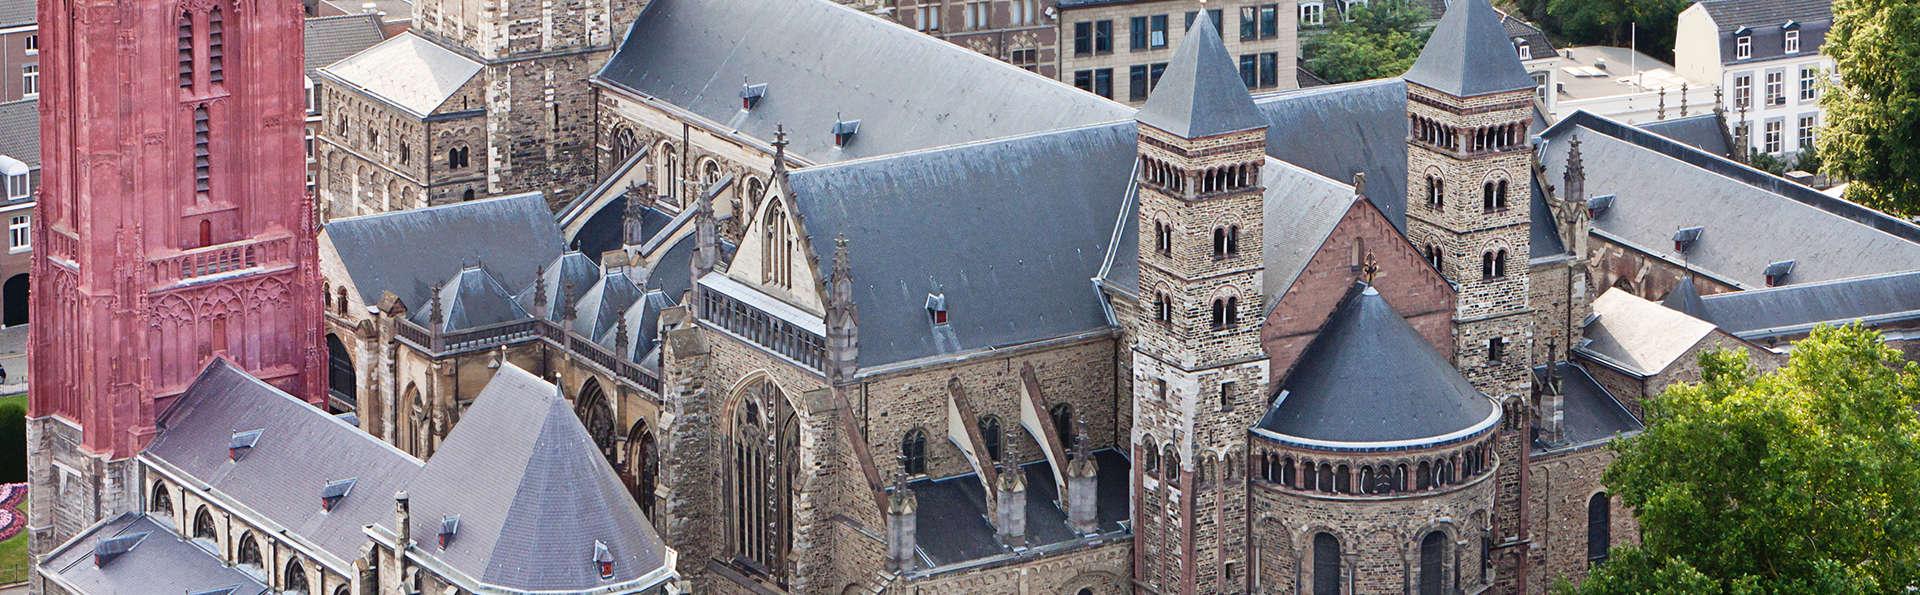 St. Martenslane Maastricht - EDIT_Maastricht.jpg